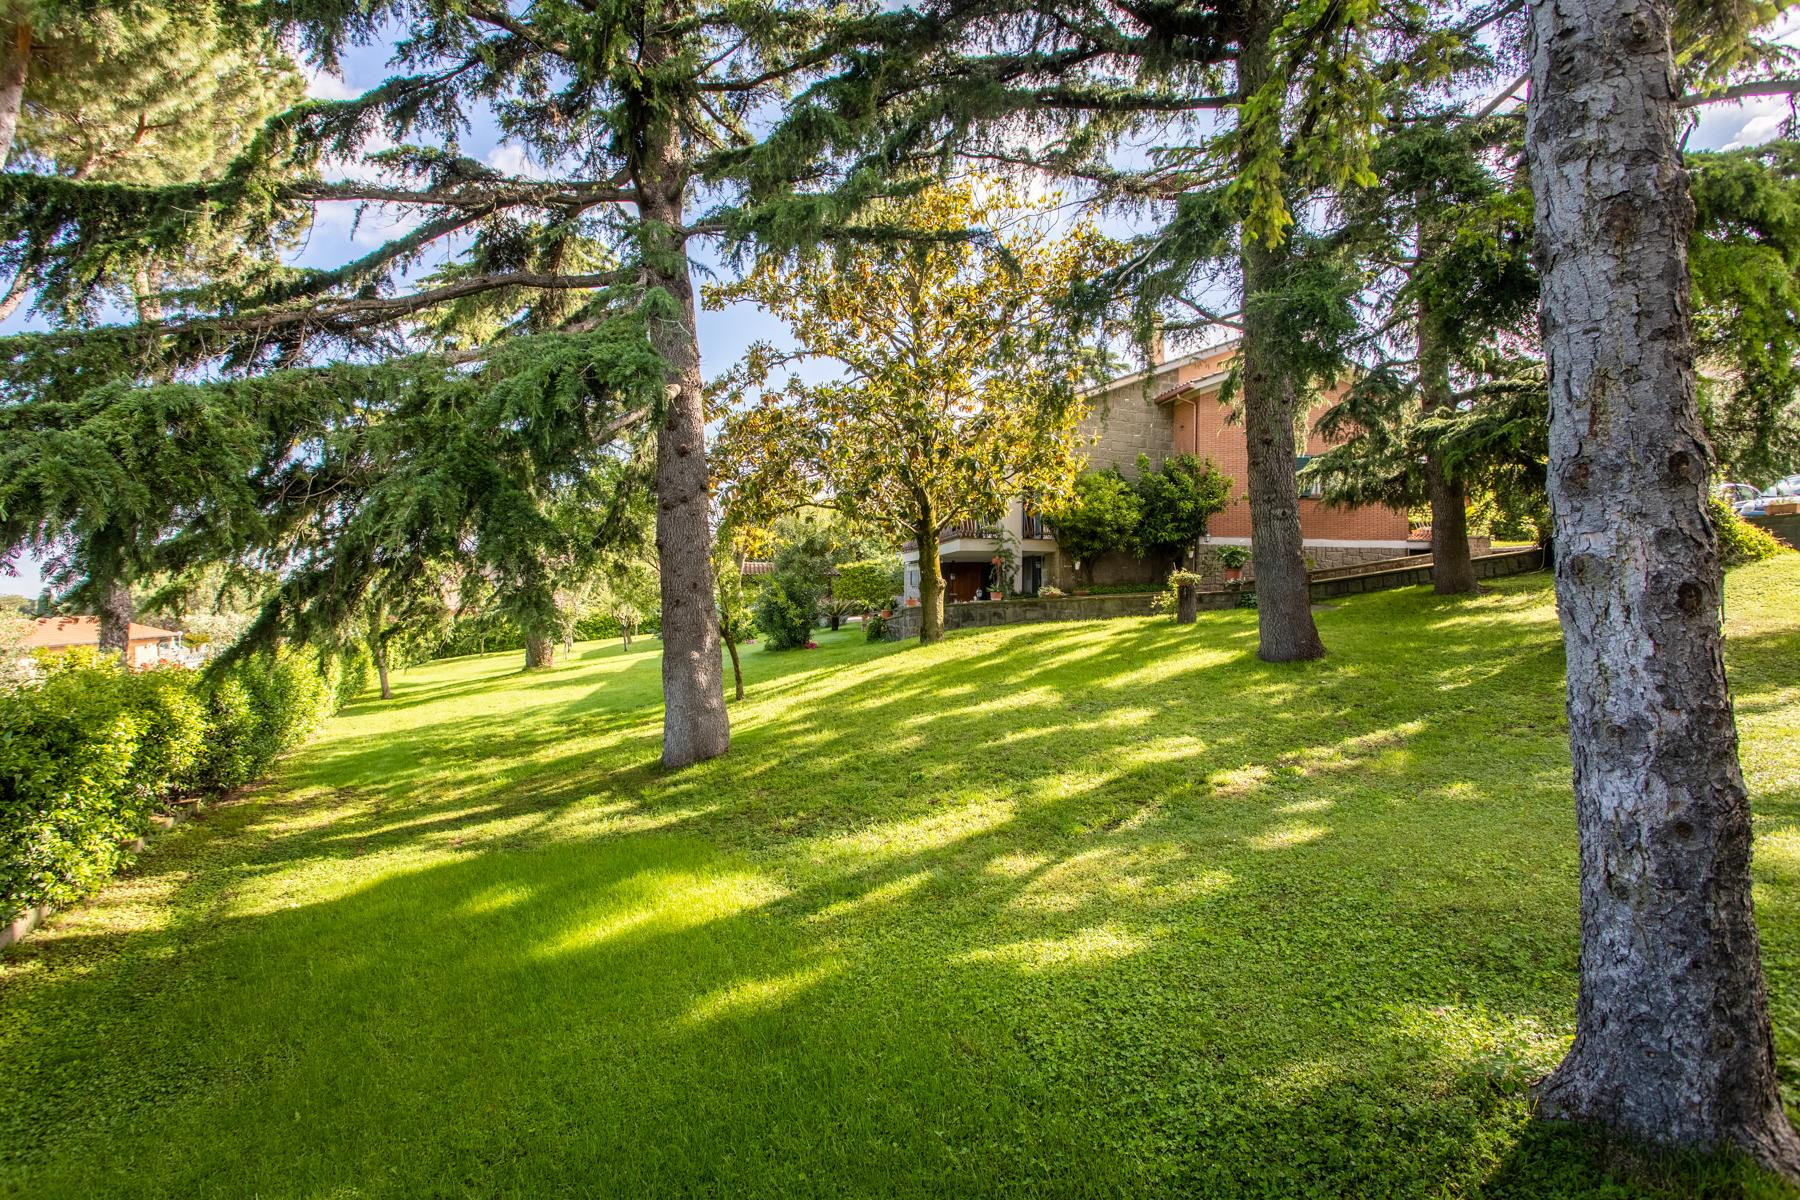 Incantevole Villa nei pressi di Castel Gandolfo - 22